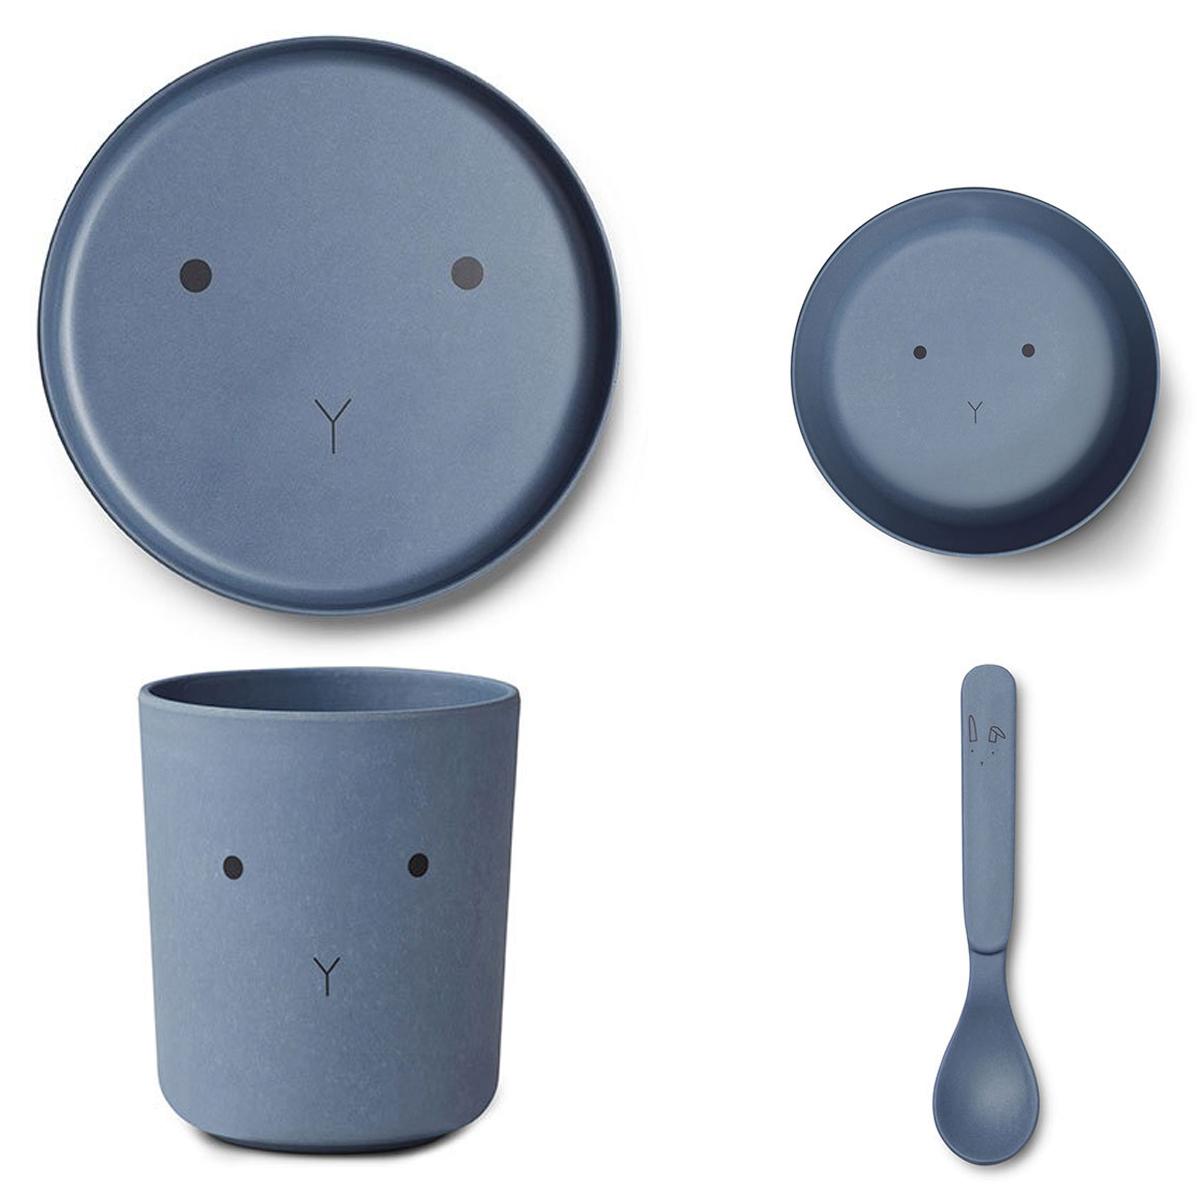 Coffret repas Set de Vaisselle Rabbit - Blue Wave Set de Vaisselle Rabbit - Blue Wave